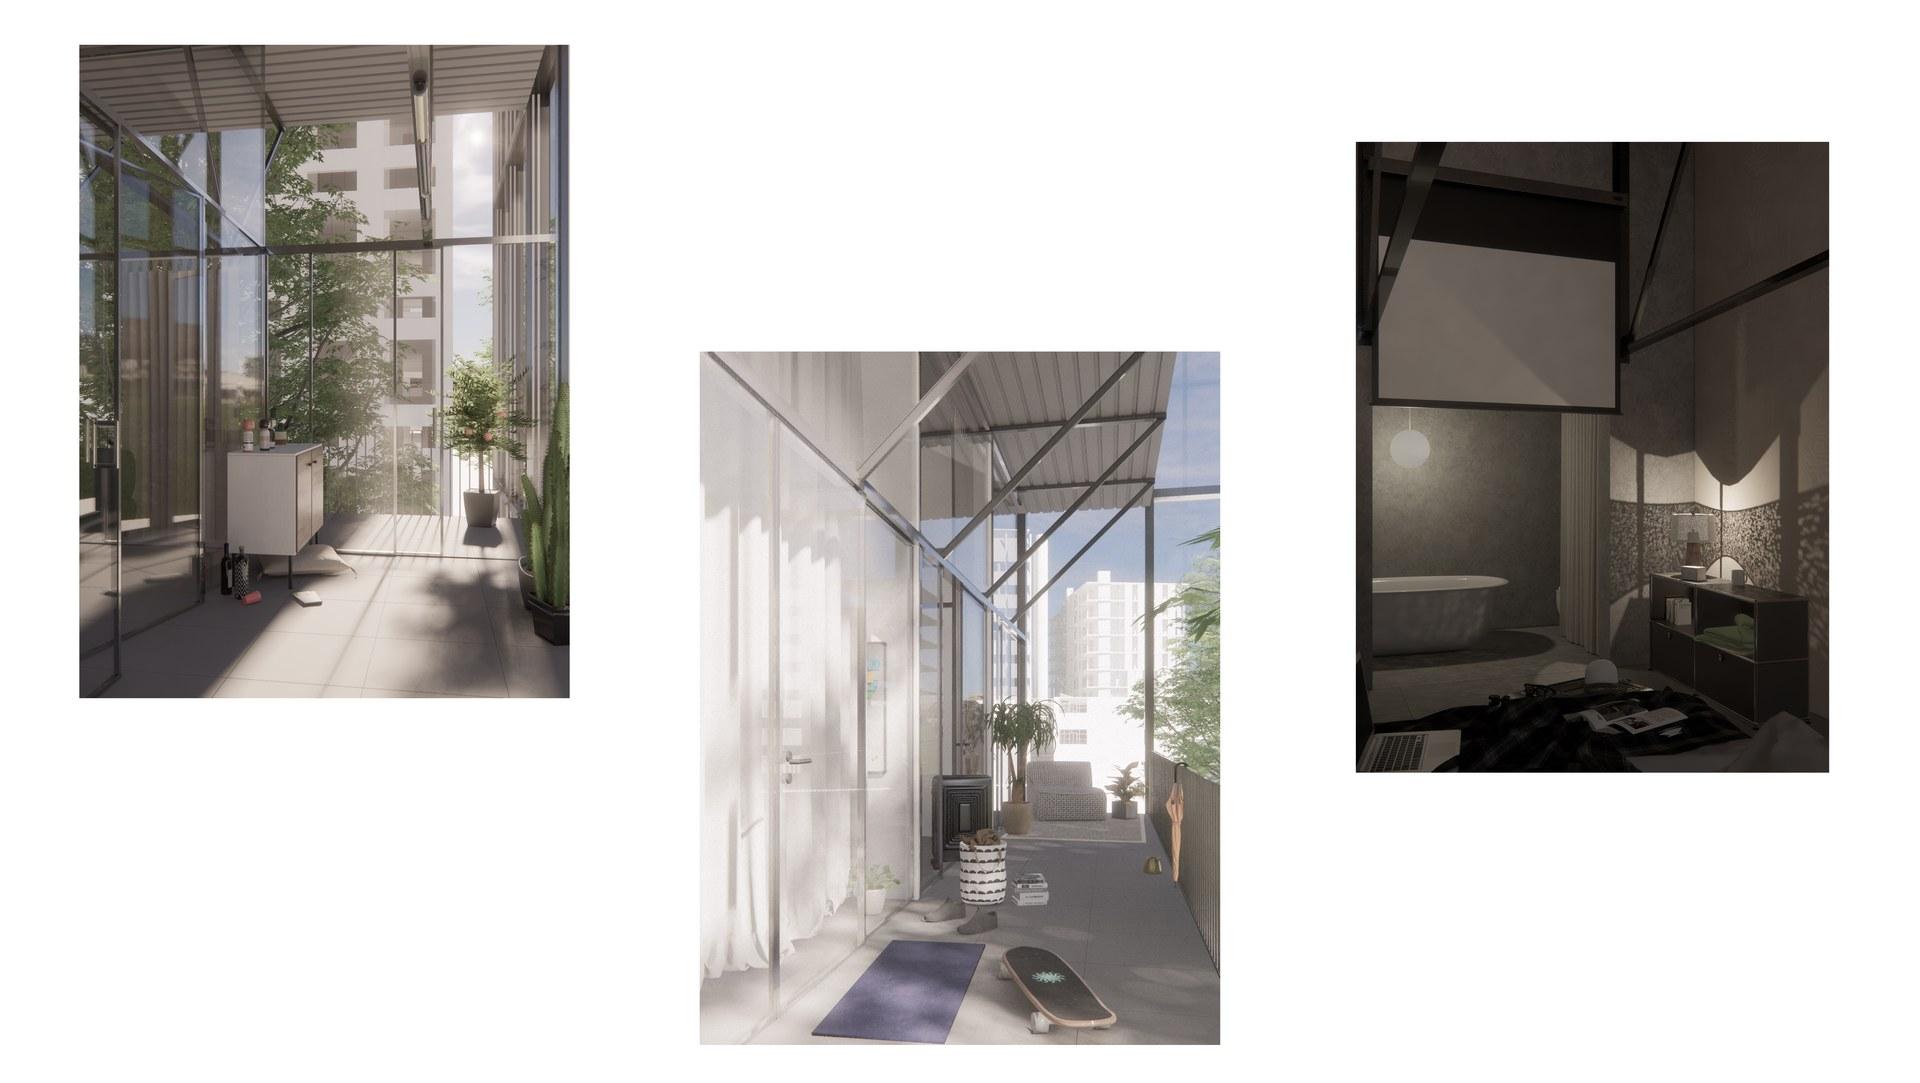 Buffer zone - balcony - Lee's bedroom